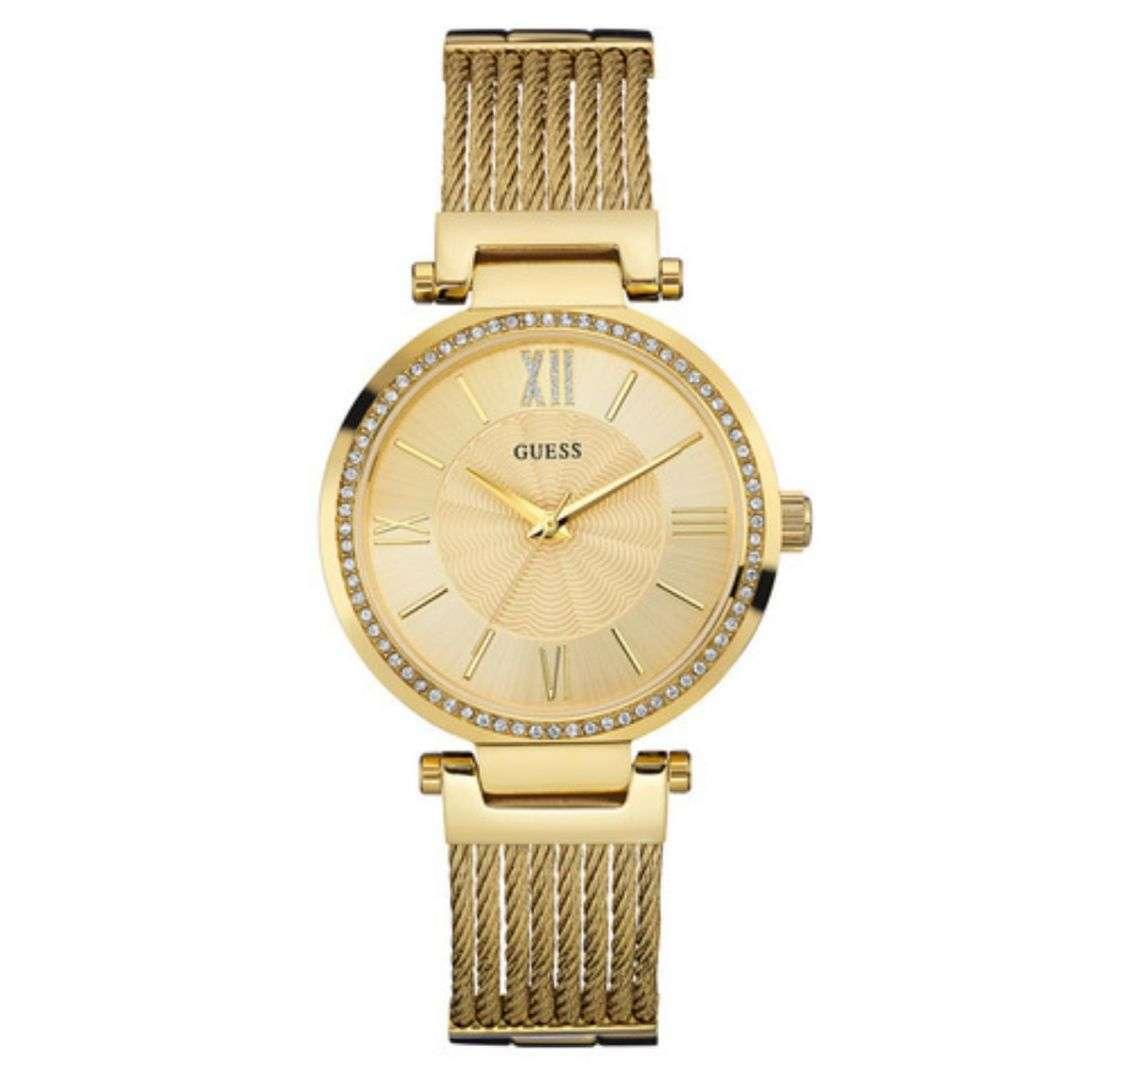 שעון יד אנלוגי דגם: guess W0638L2 גס